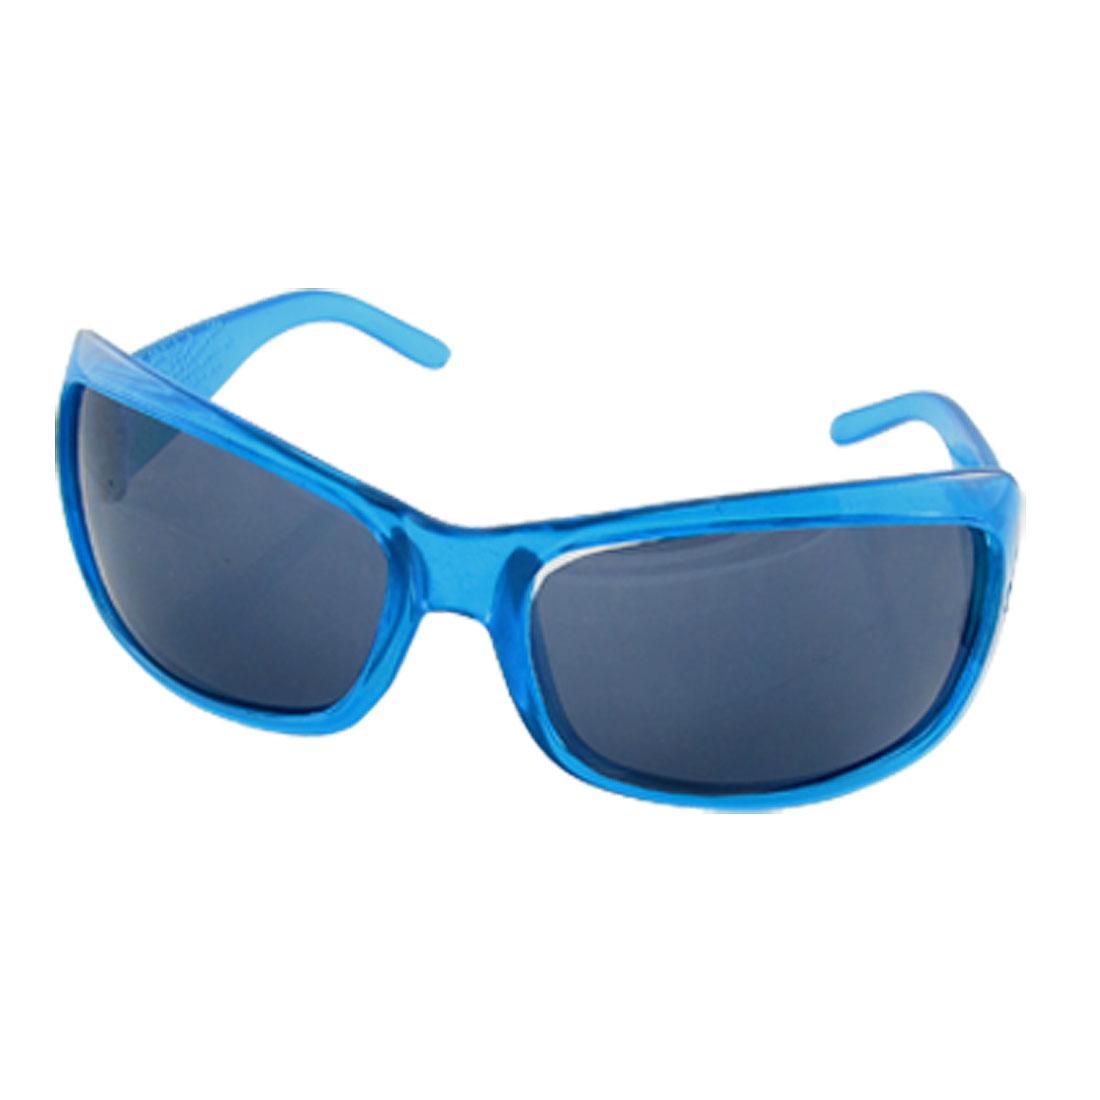 Blue Plastic Full Rim Black Lens UV Protection Sunglasses for Children